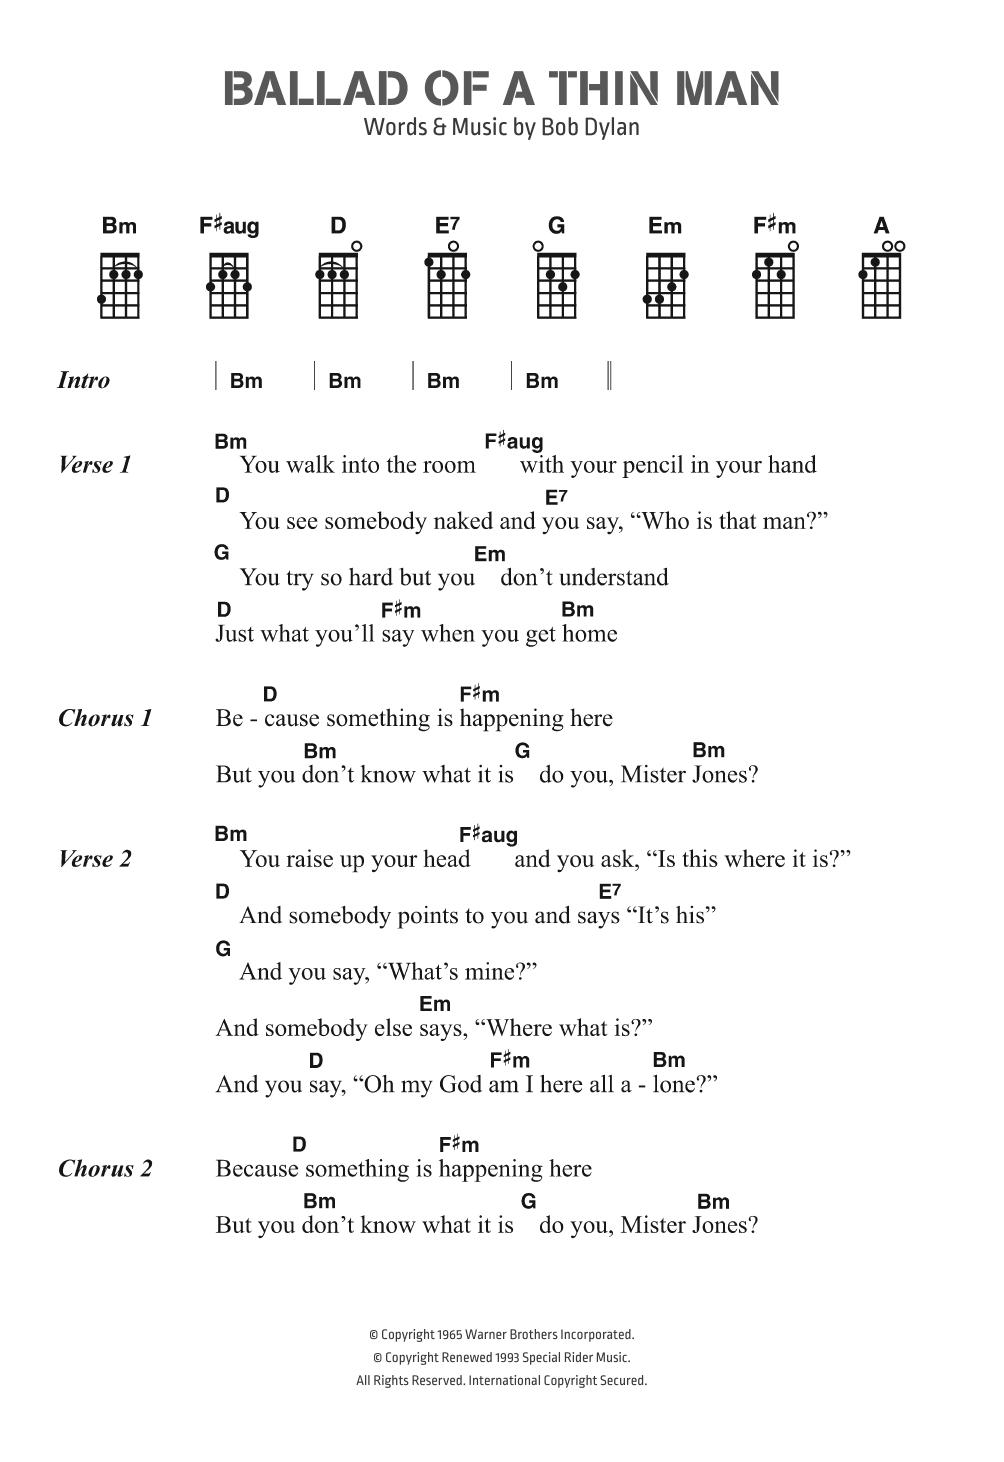 Twenty One Pilots Ukulele Chords Ballad Of A Thin Man Bob Dylan Ukulele Chordslyrics Digital Sheet Music